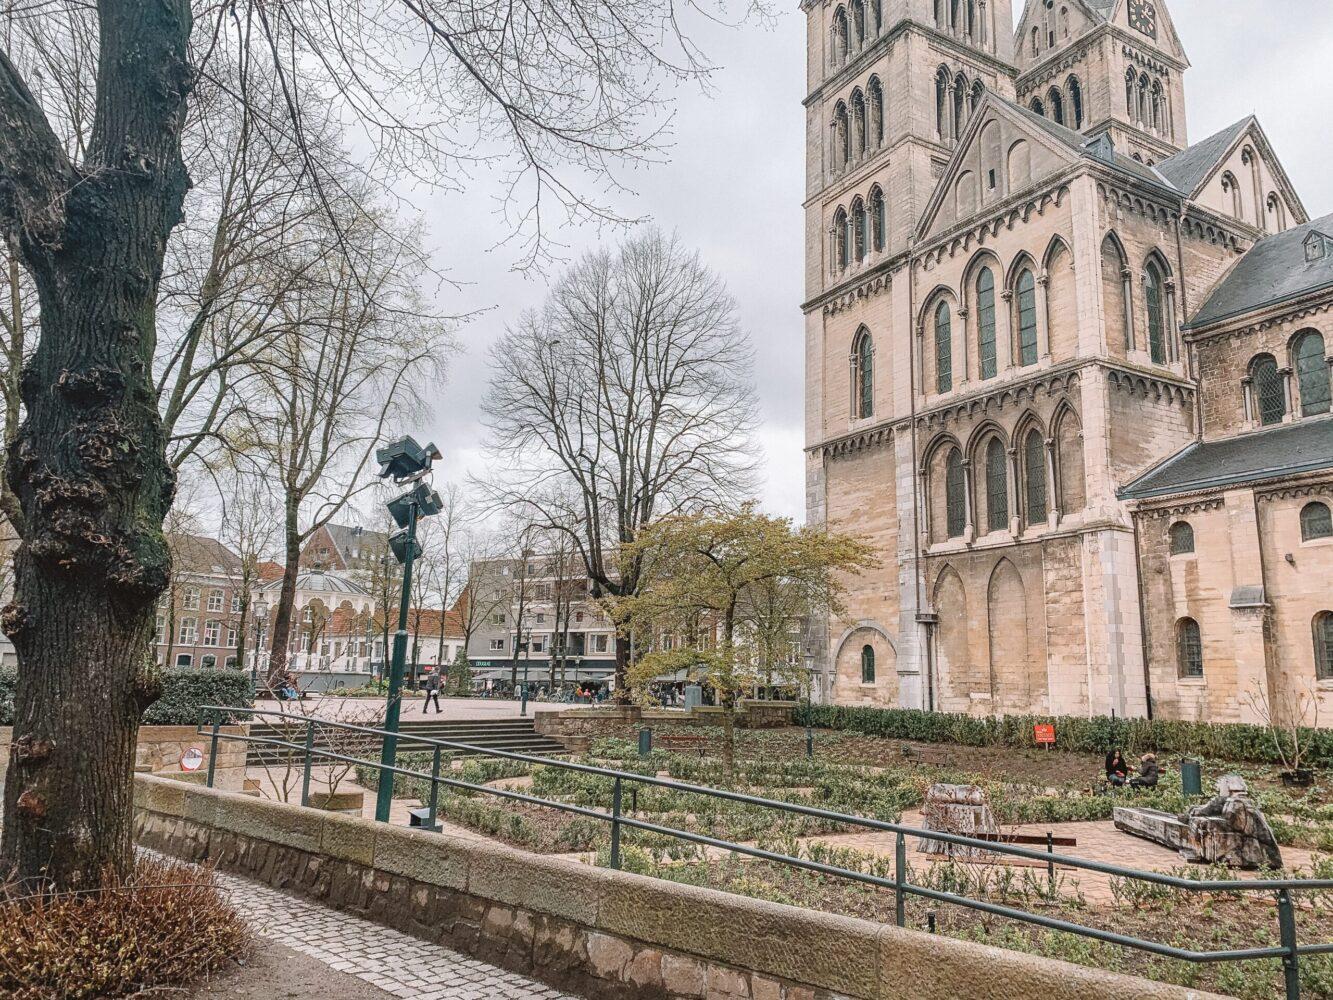 Het Gezinsleven - Uitstapjes - Bezienswaardigheden in Roermond - Munsterkerk aan het Munsterplein met de tuin